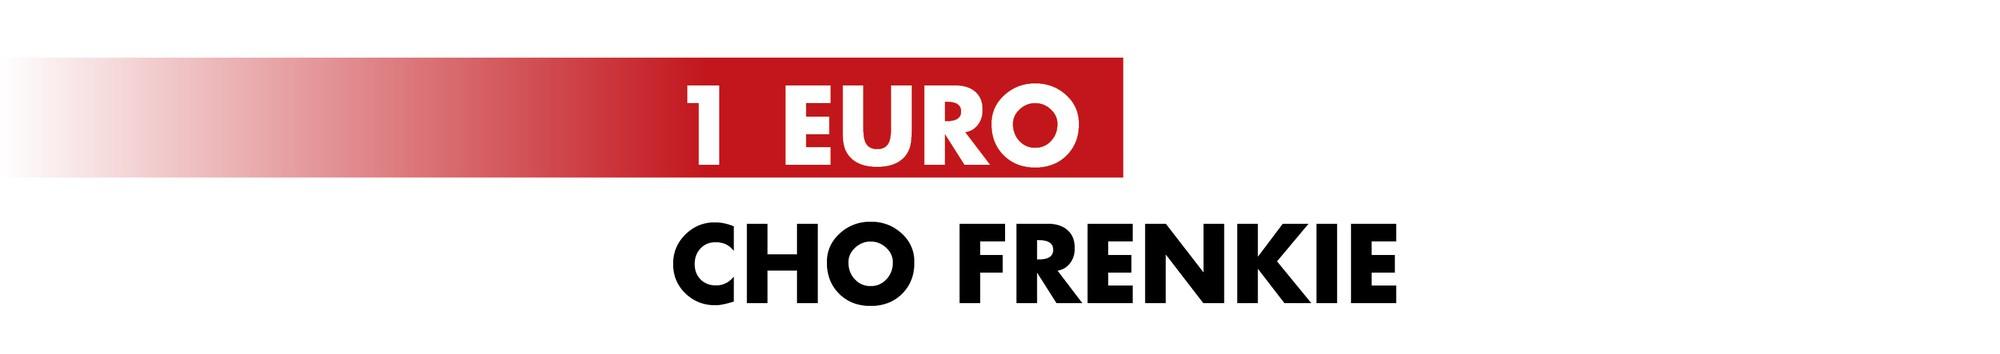 Ajax- triết lý '1 euro' và sự hồi sinh vĩ đại - Ảnh 1.